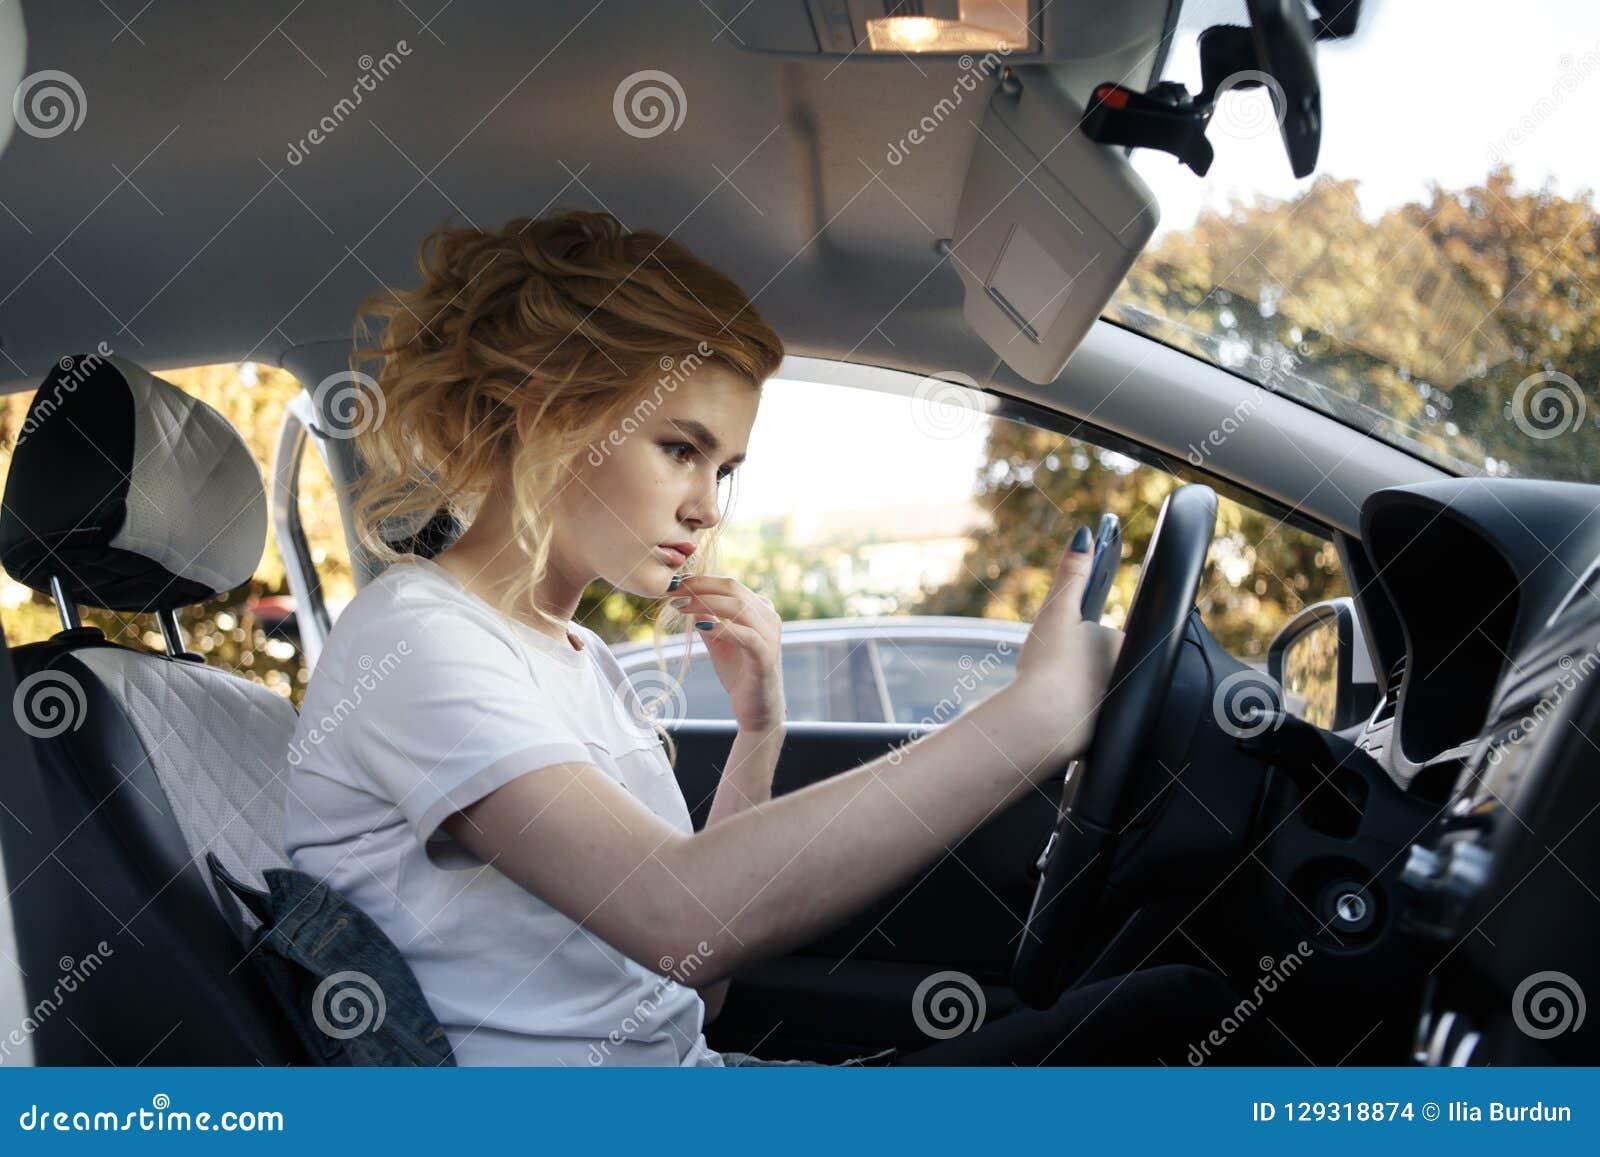 De jonge vrouw bekijkt haar smartphone in een auto Gestemd beeld